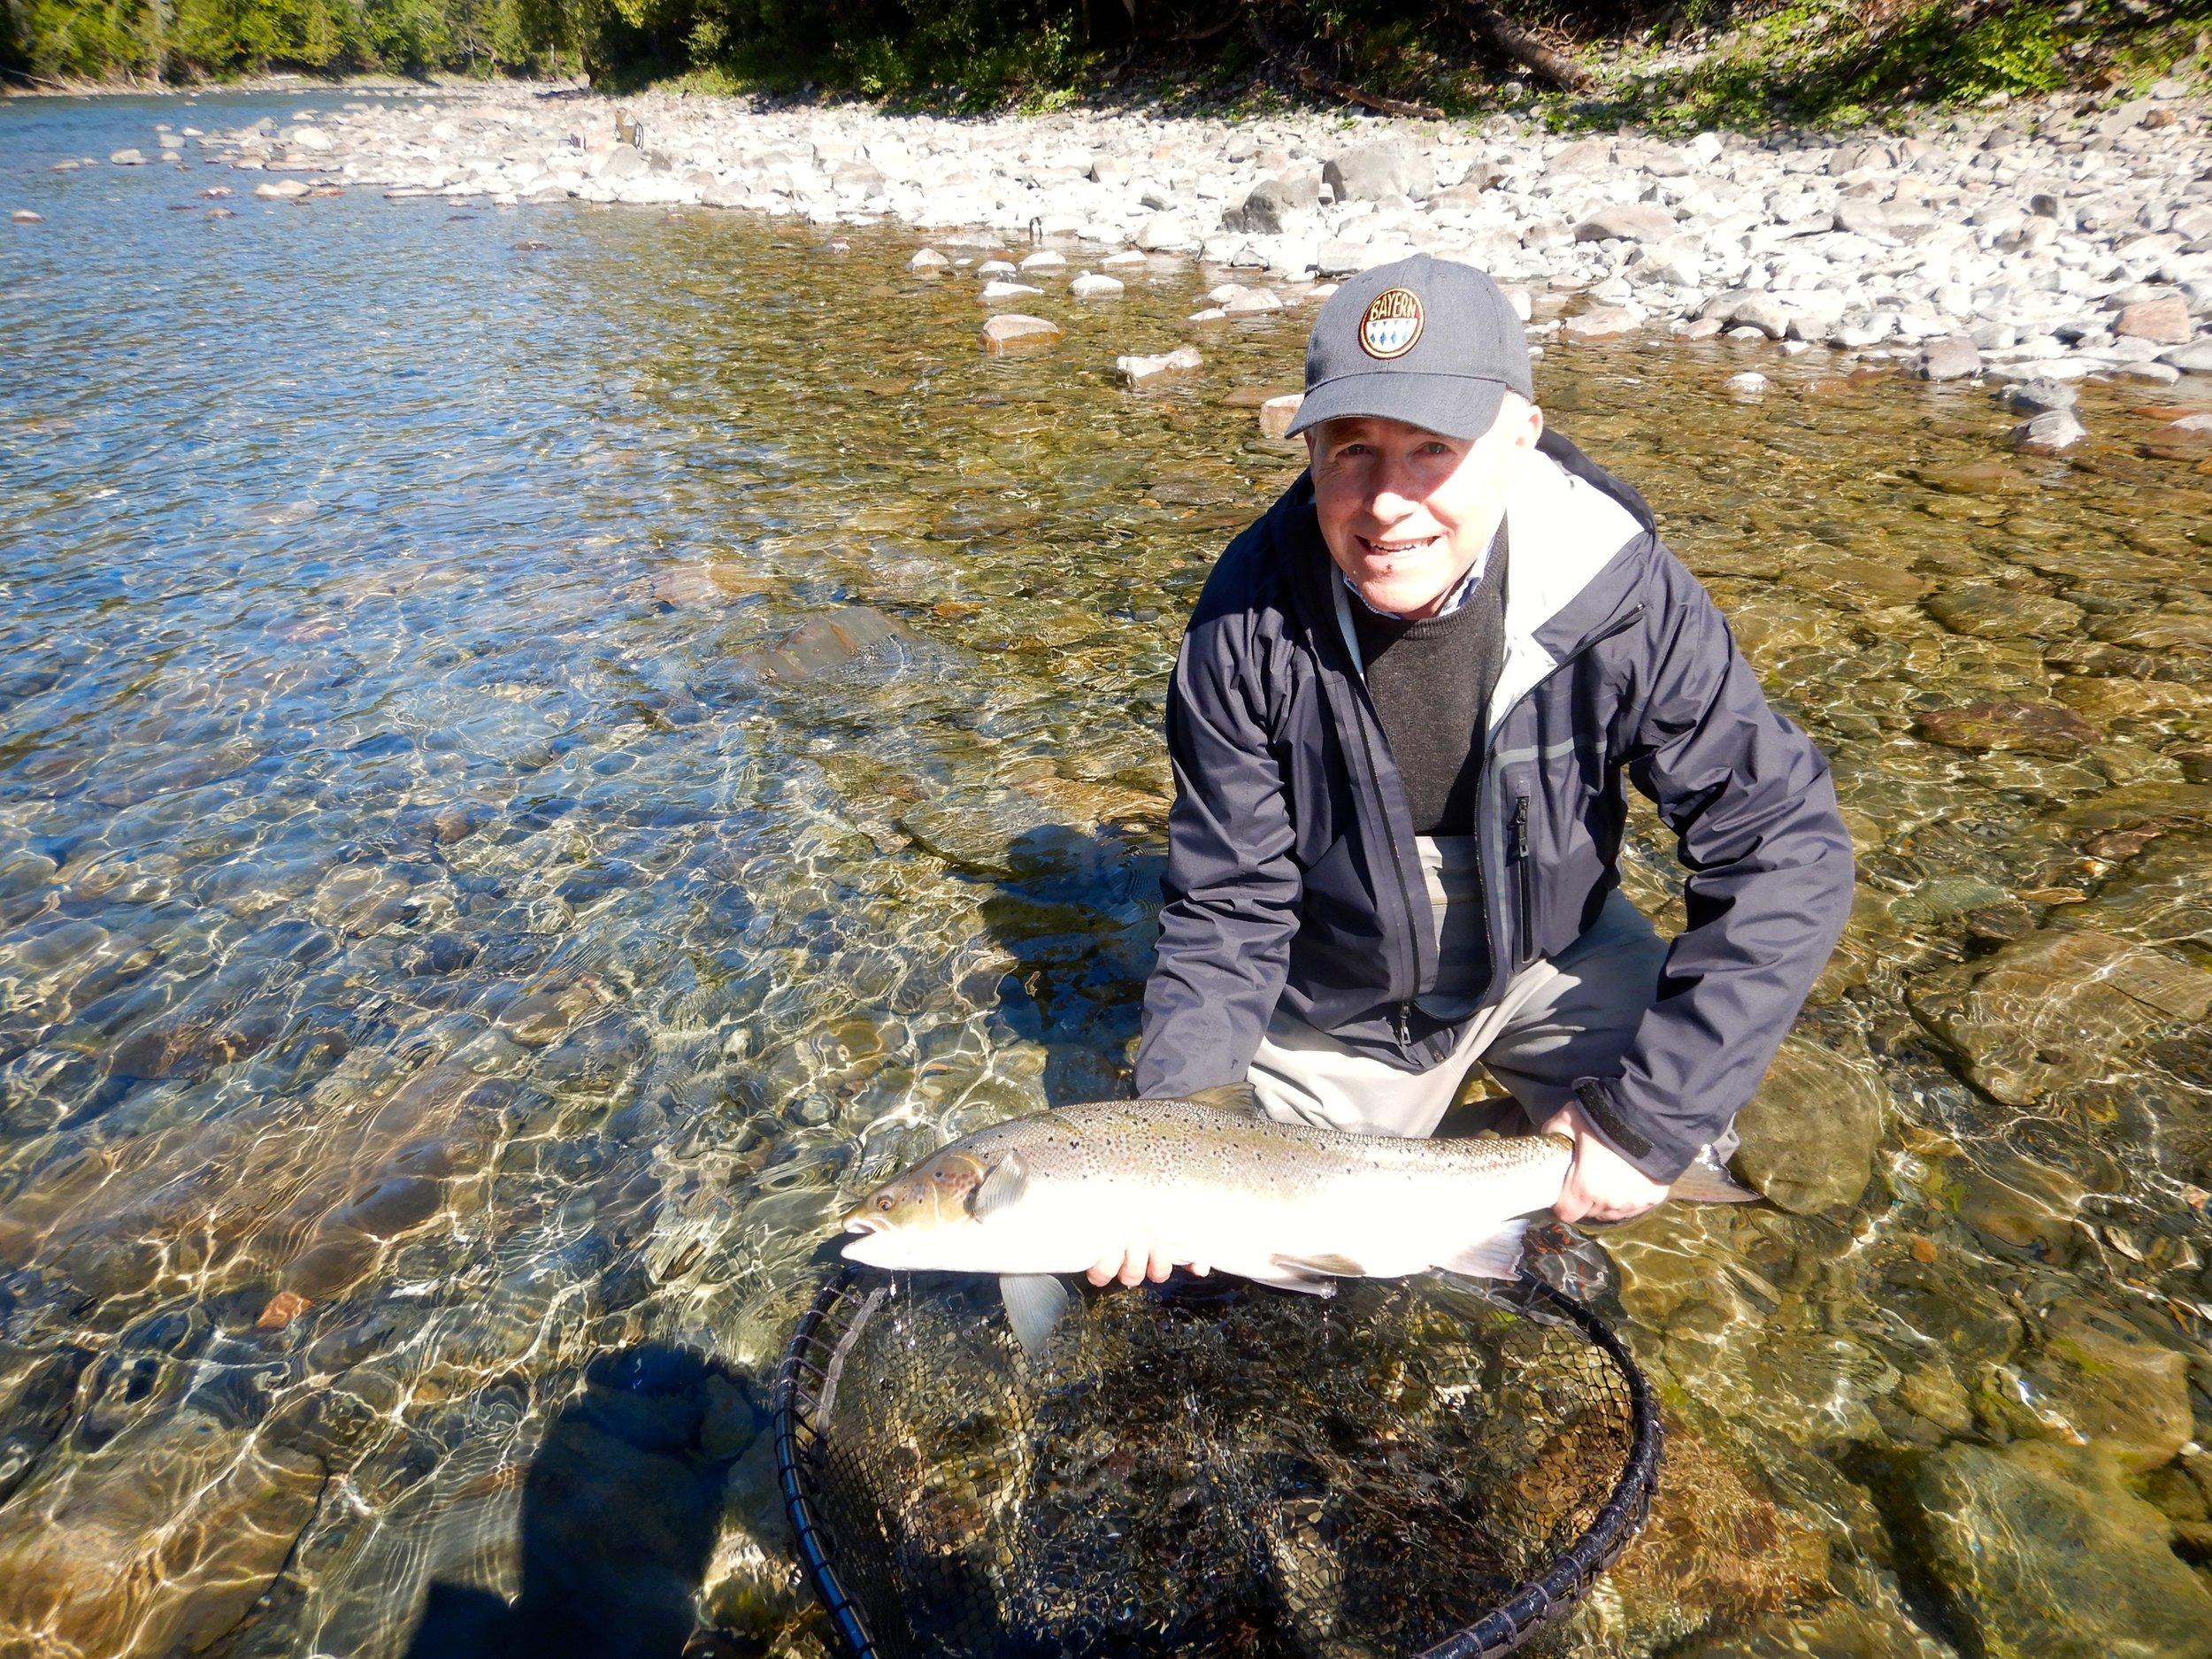 C'était la première visite de Kevin Taylor à Salmon Lodge. Quel plaisir de le recevoir au camp! C'est dans la Petite Cascapédia qu'il a pu réaliser ses rêves en capturant son premier saumon atlantique.